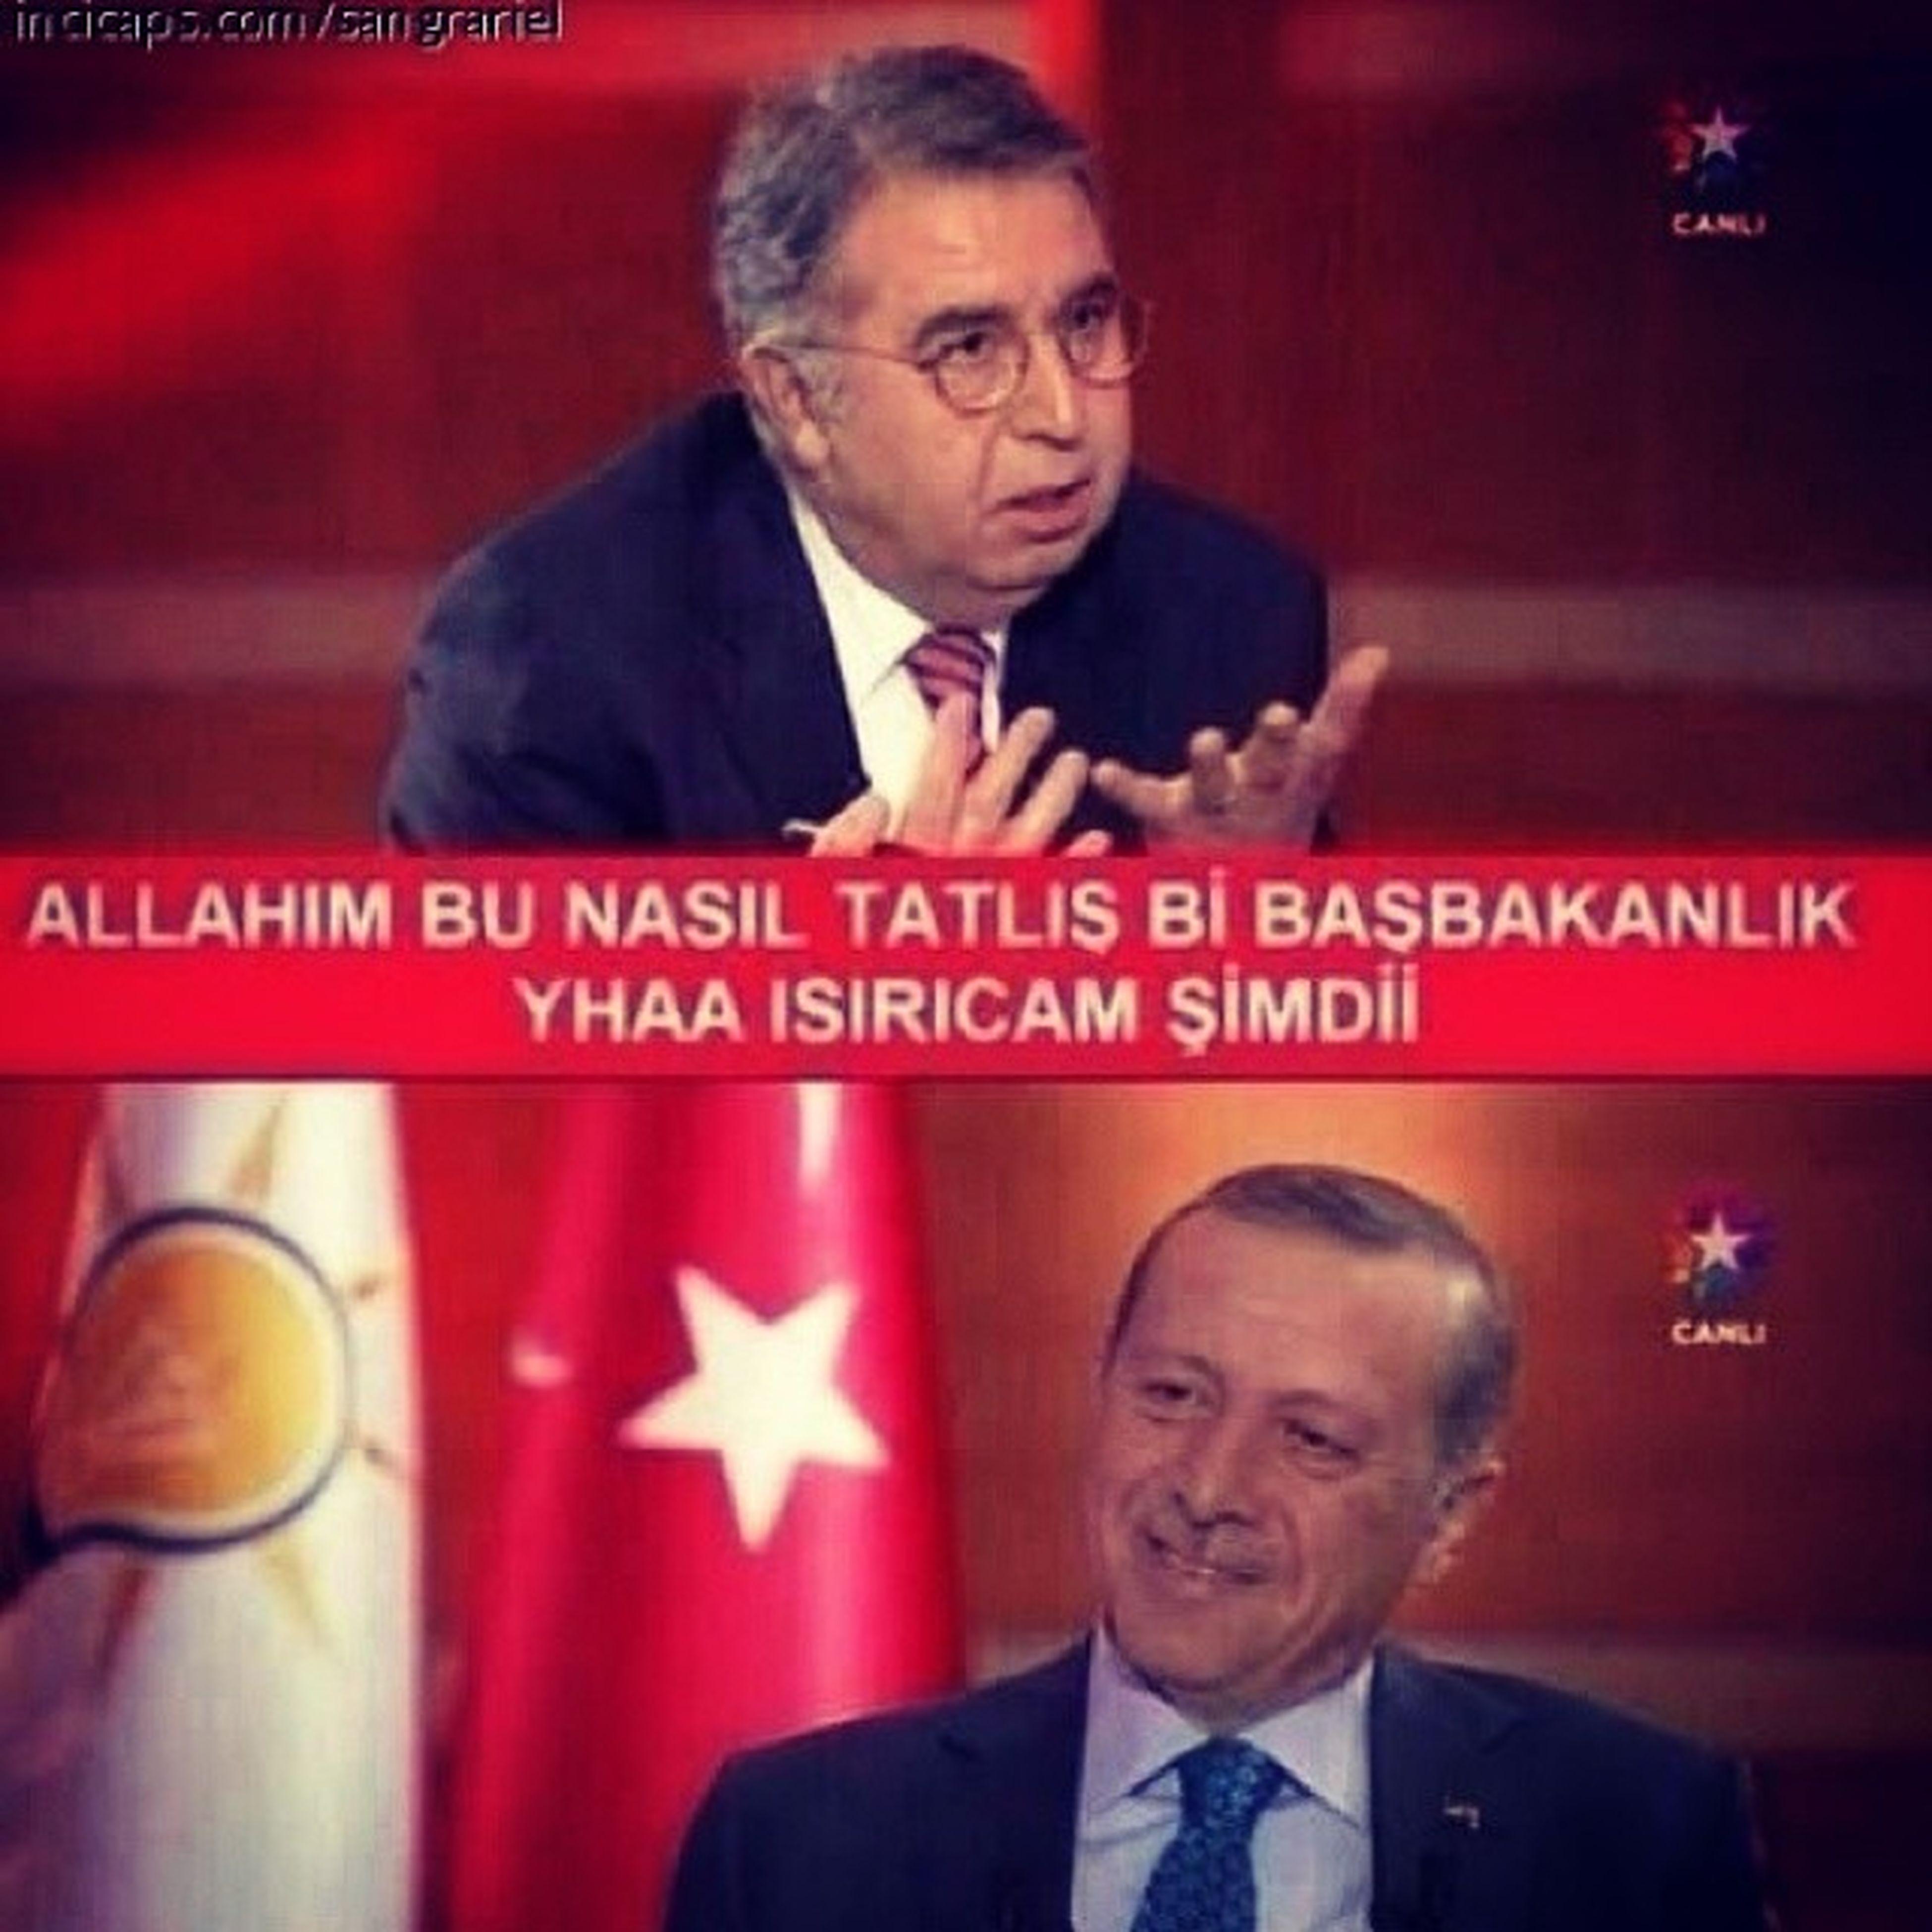 Ben bu herifi ısırırım. Çook tatlış yaa :)) RTE Teayyip Tazyik Boşbakan komedi instalike instacollage instagood cute igers Türkiye Turkey hırsız sıfırcıtayyip diktatör zalim world Amerikauşağı ikiyüzlü monşer